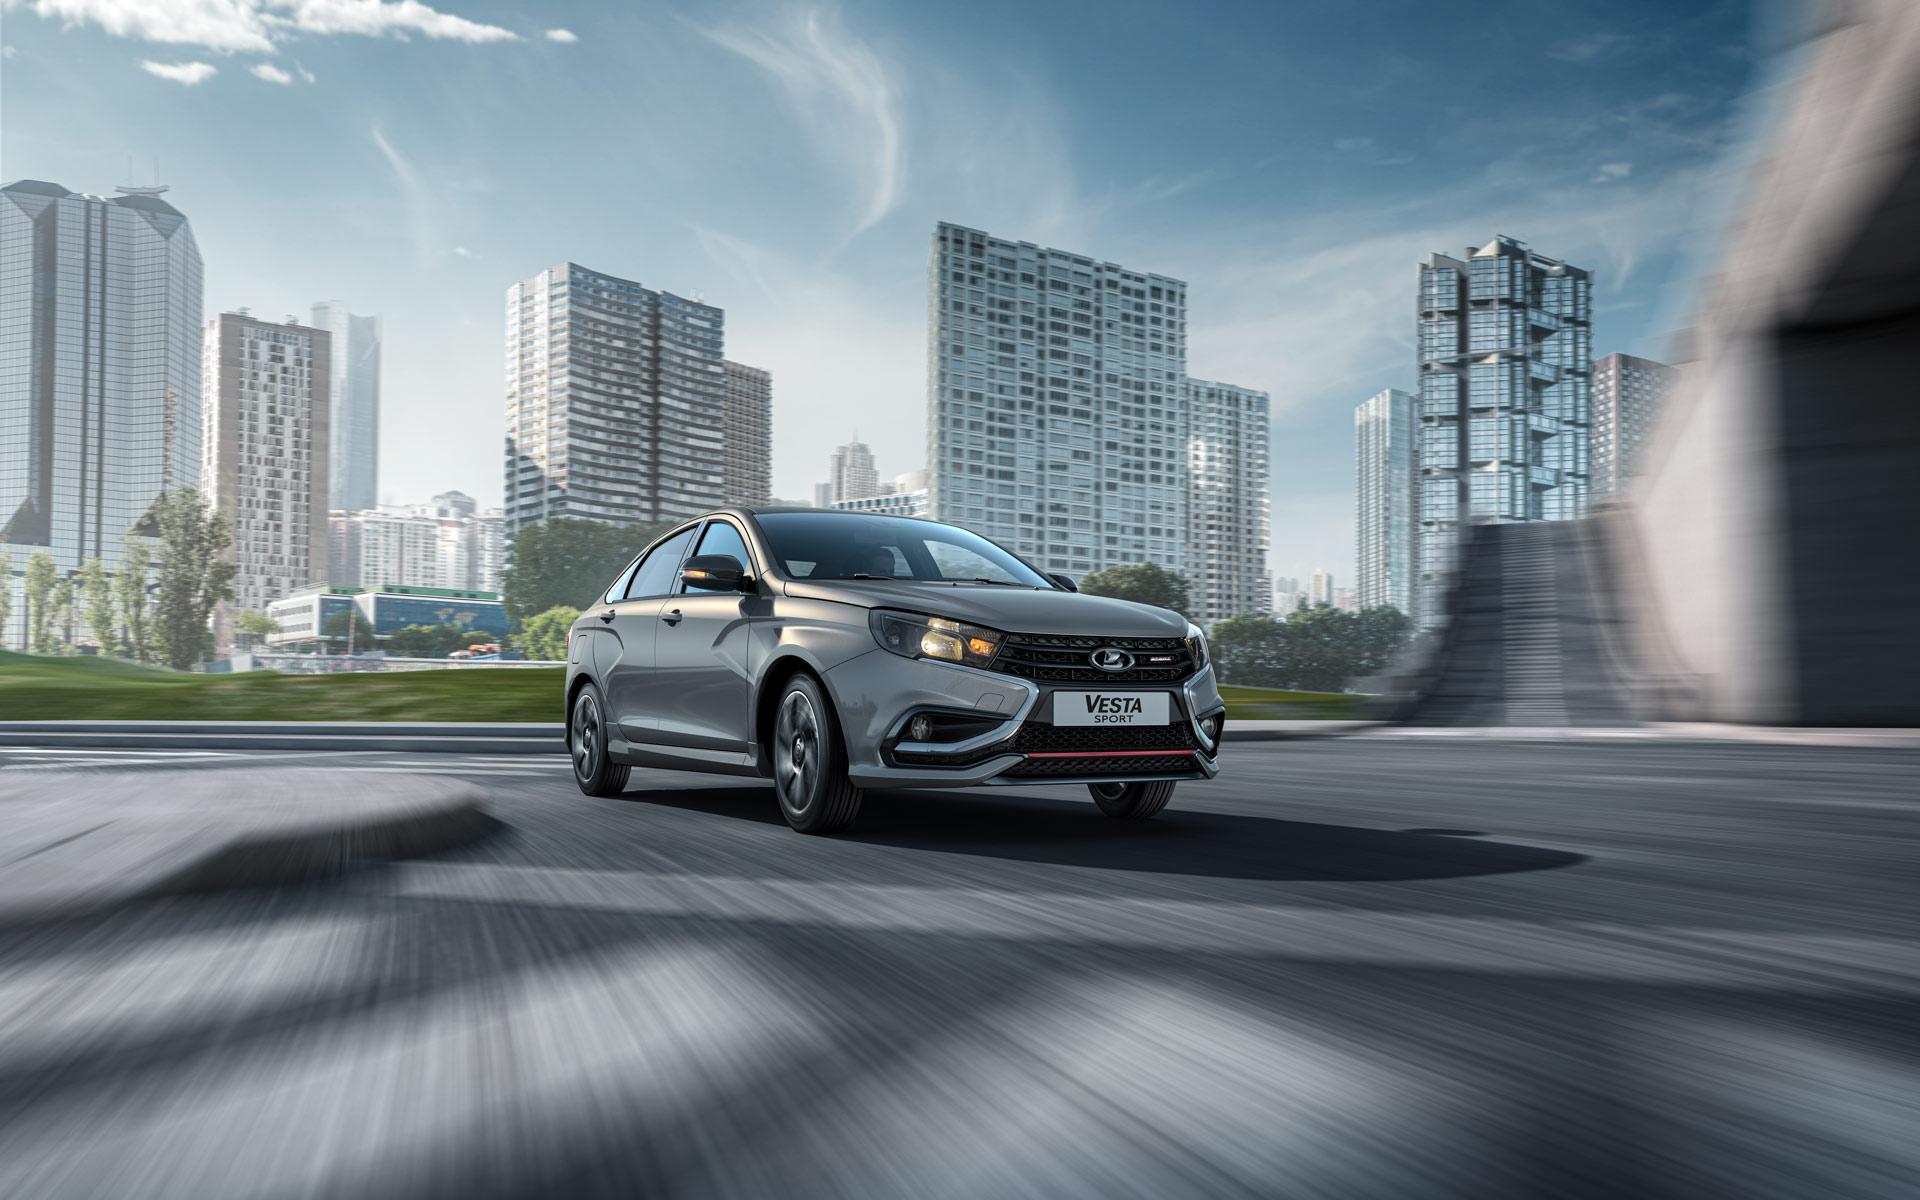 «АвтоВАЗ» может прекратить производство Lada Vesta: названы версии, от которых откажется российский разработчик